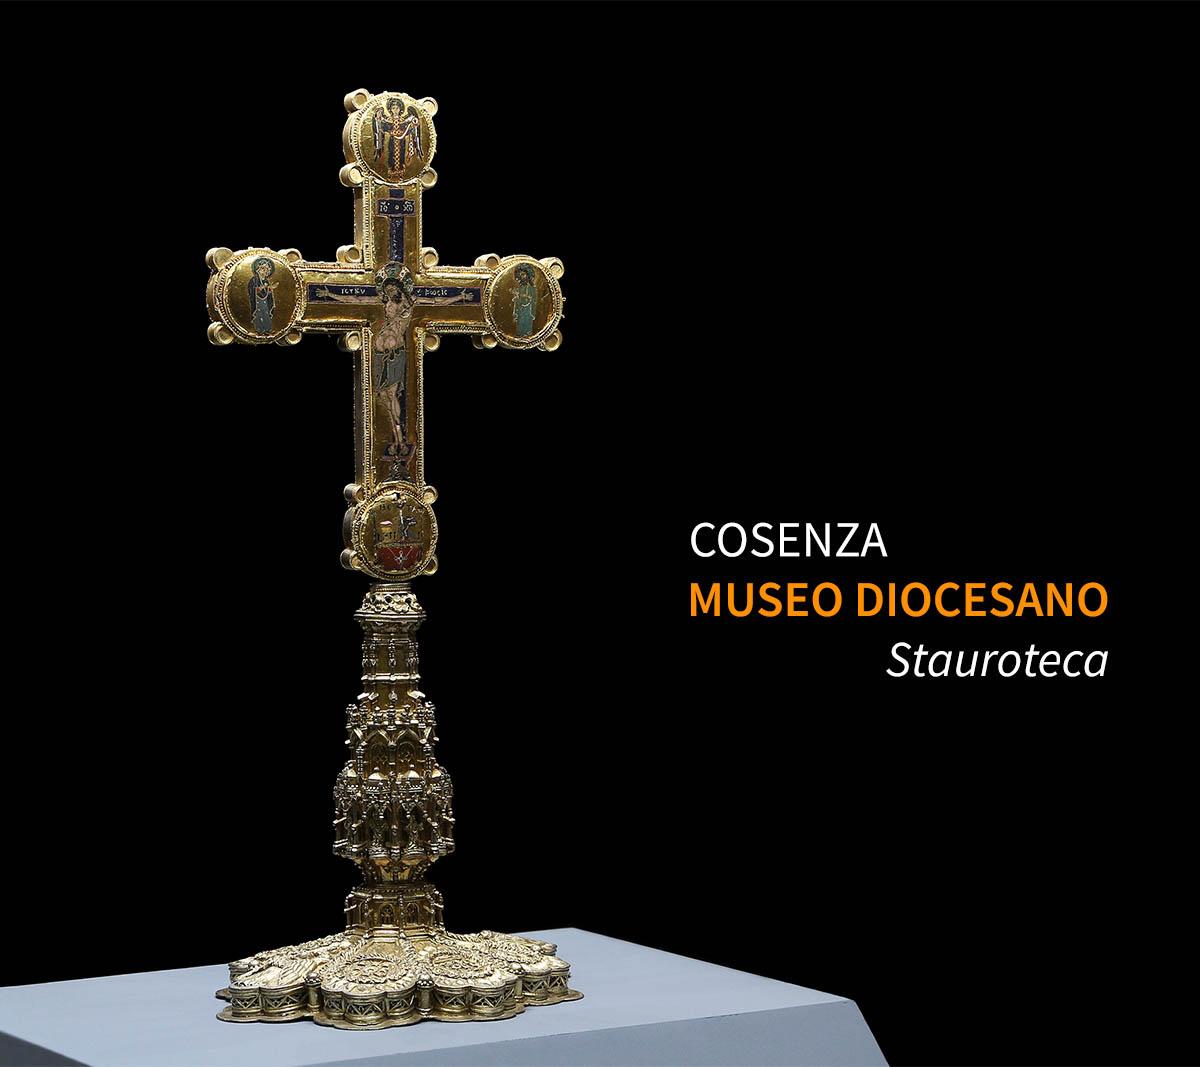 Città italiane da visitare in due giorni. Cosenza, Museo Diocesano, la Stauroteca.